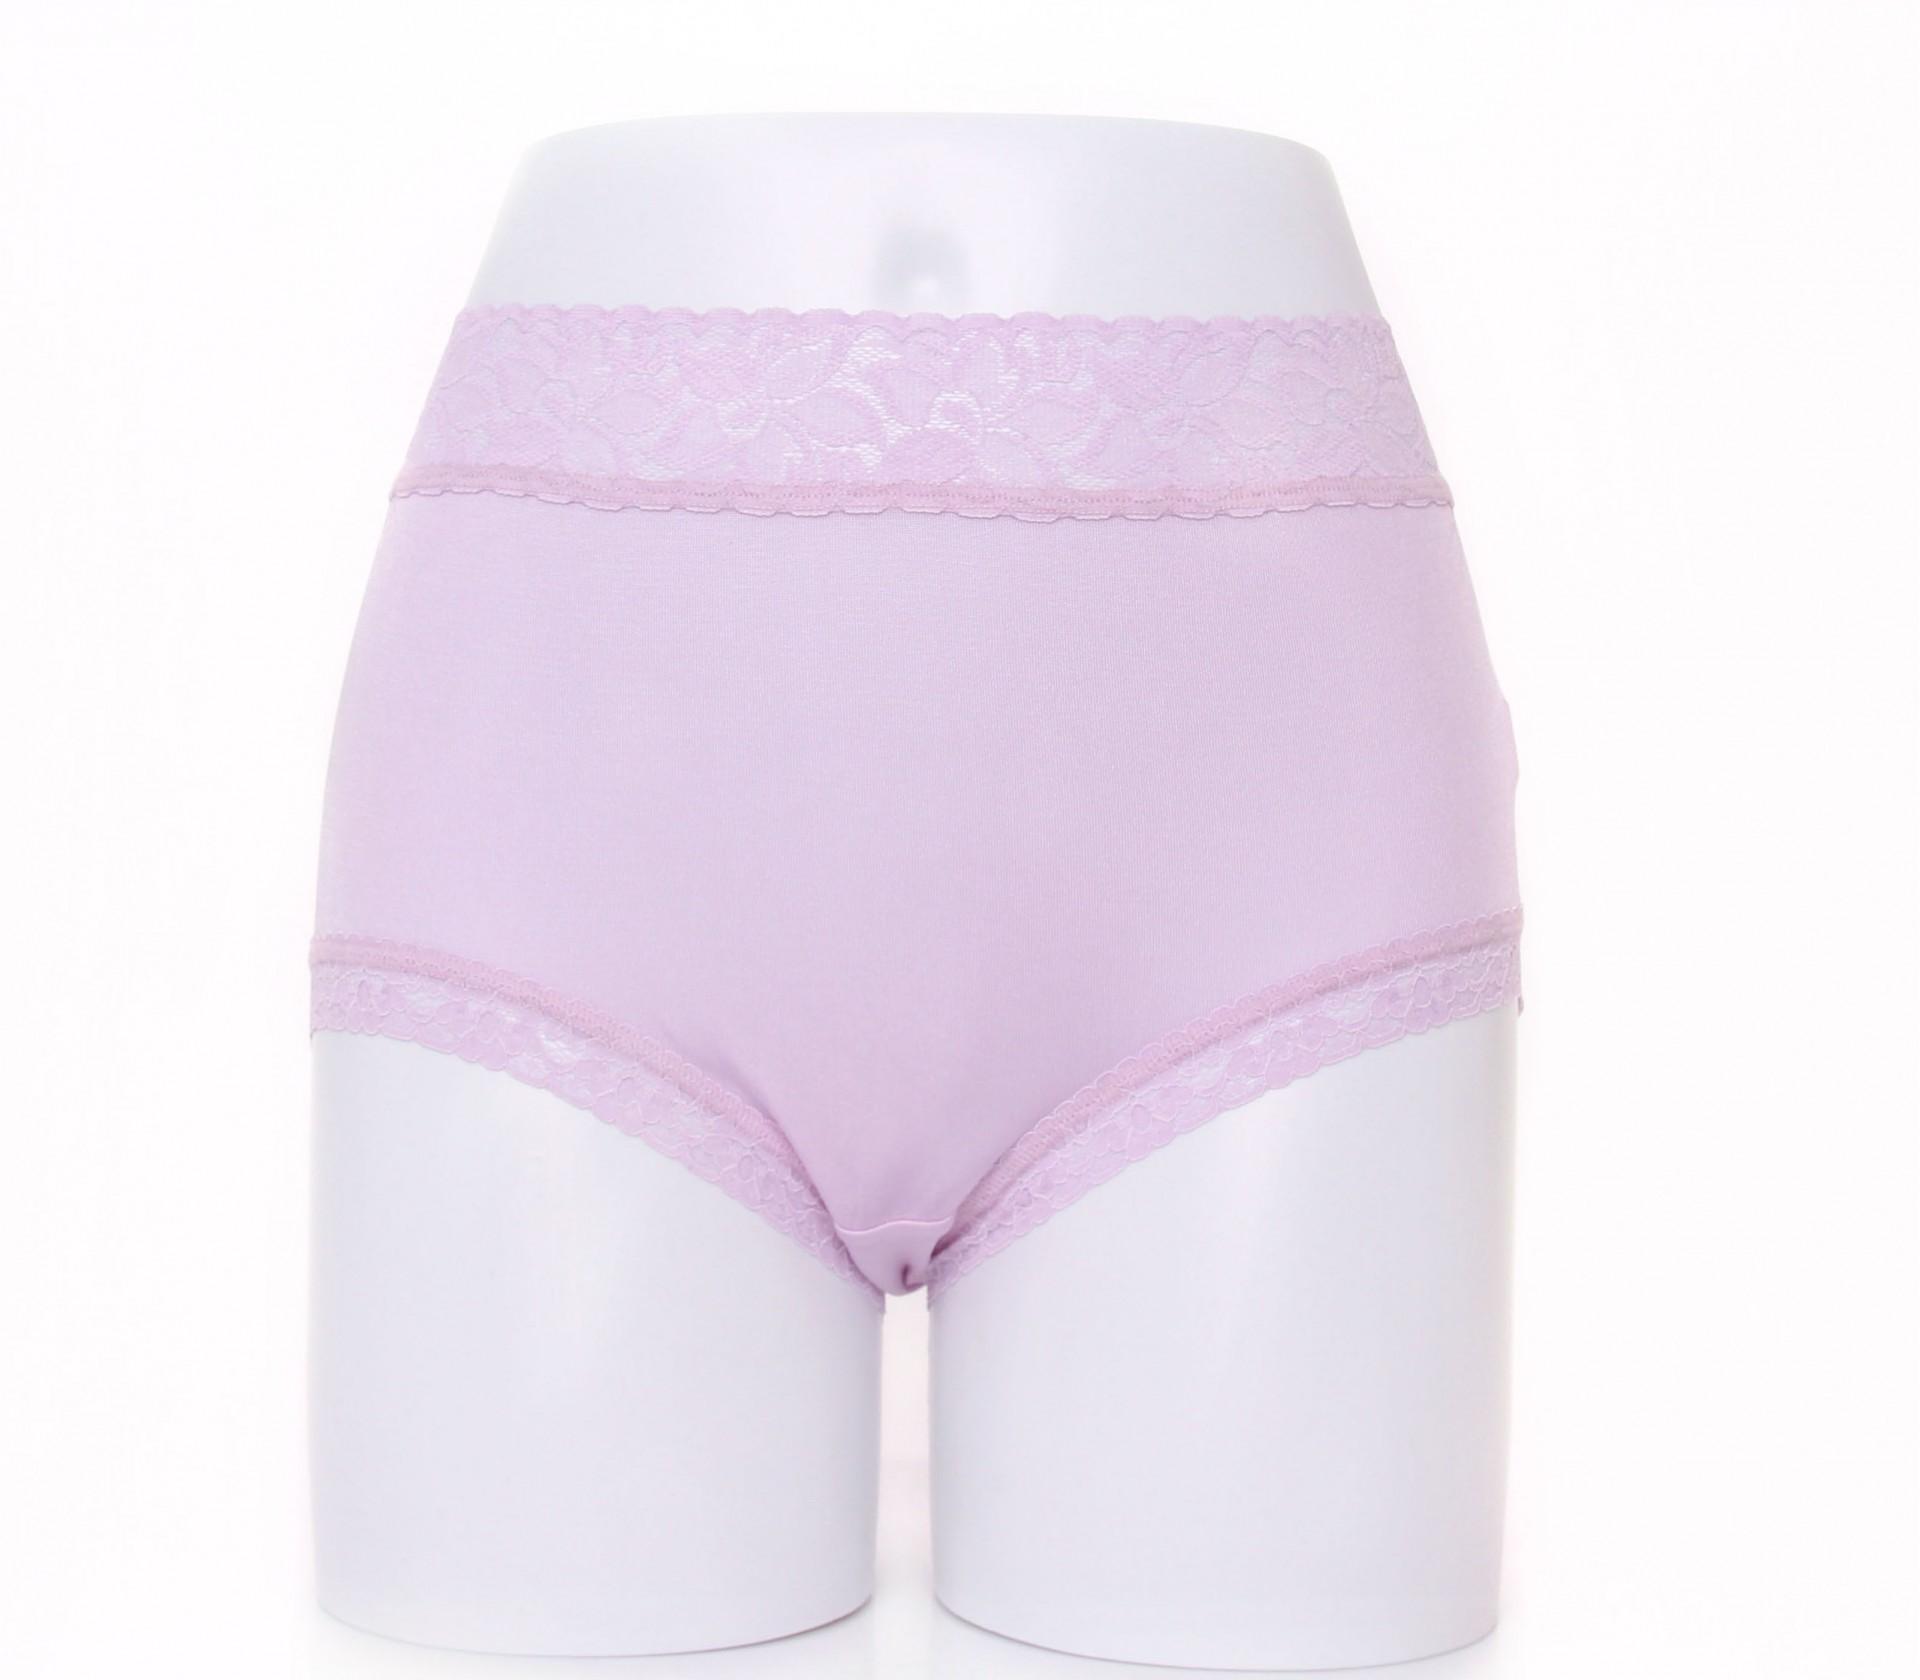 闕蘭絹優雅氣質100%蠶絲內褲-3310(紫)